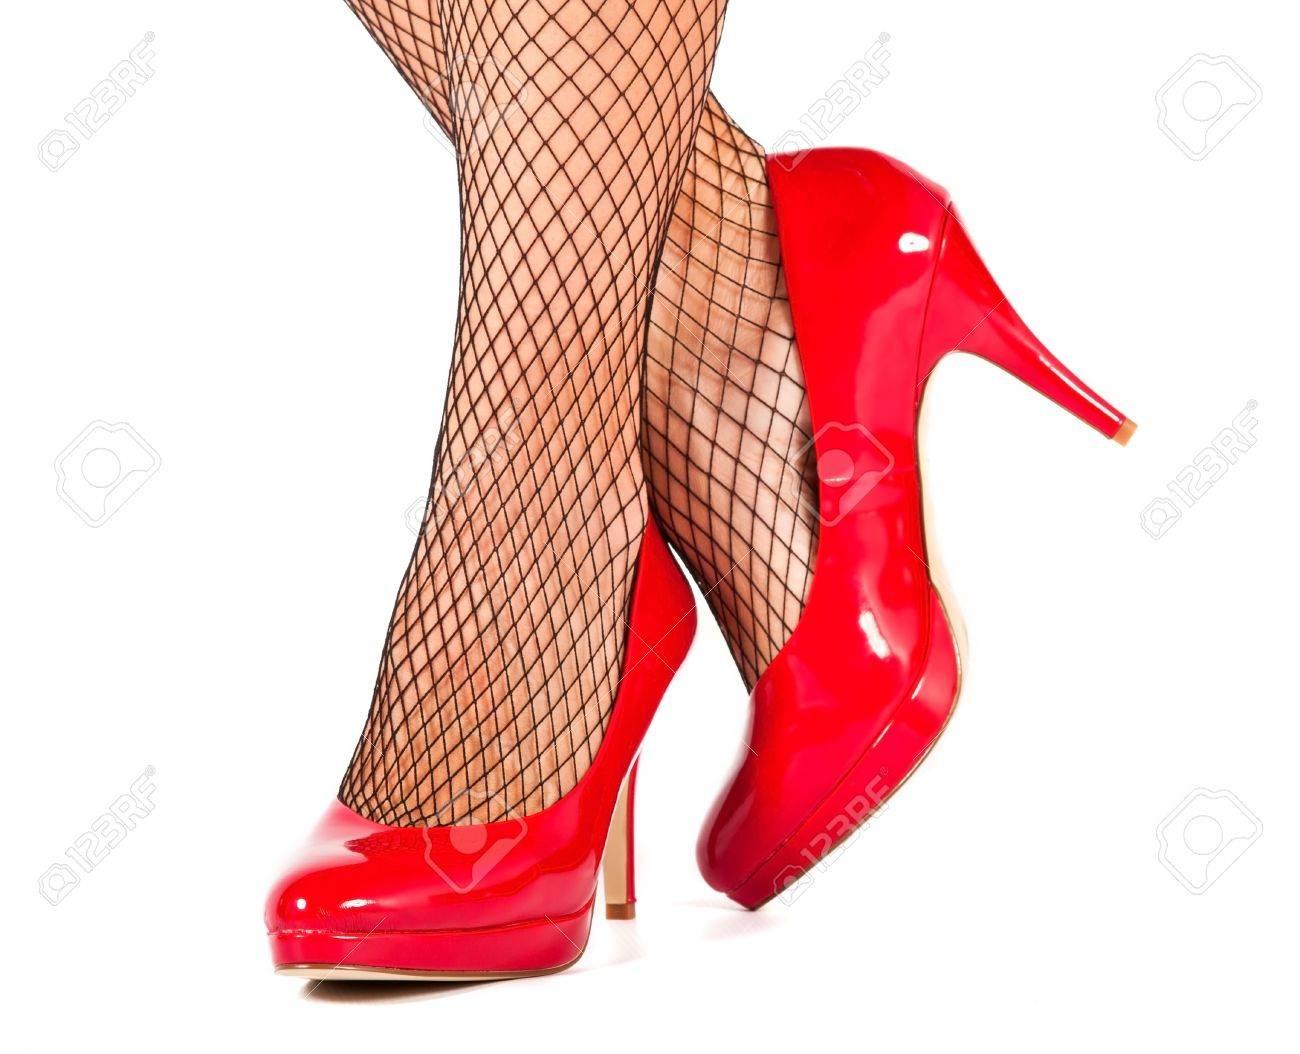 Close Bas Noirs De Rouges Haute Des Résille Chaussures Up Avec Colline rBdxoWCe